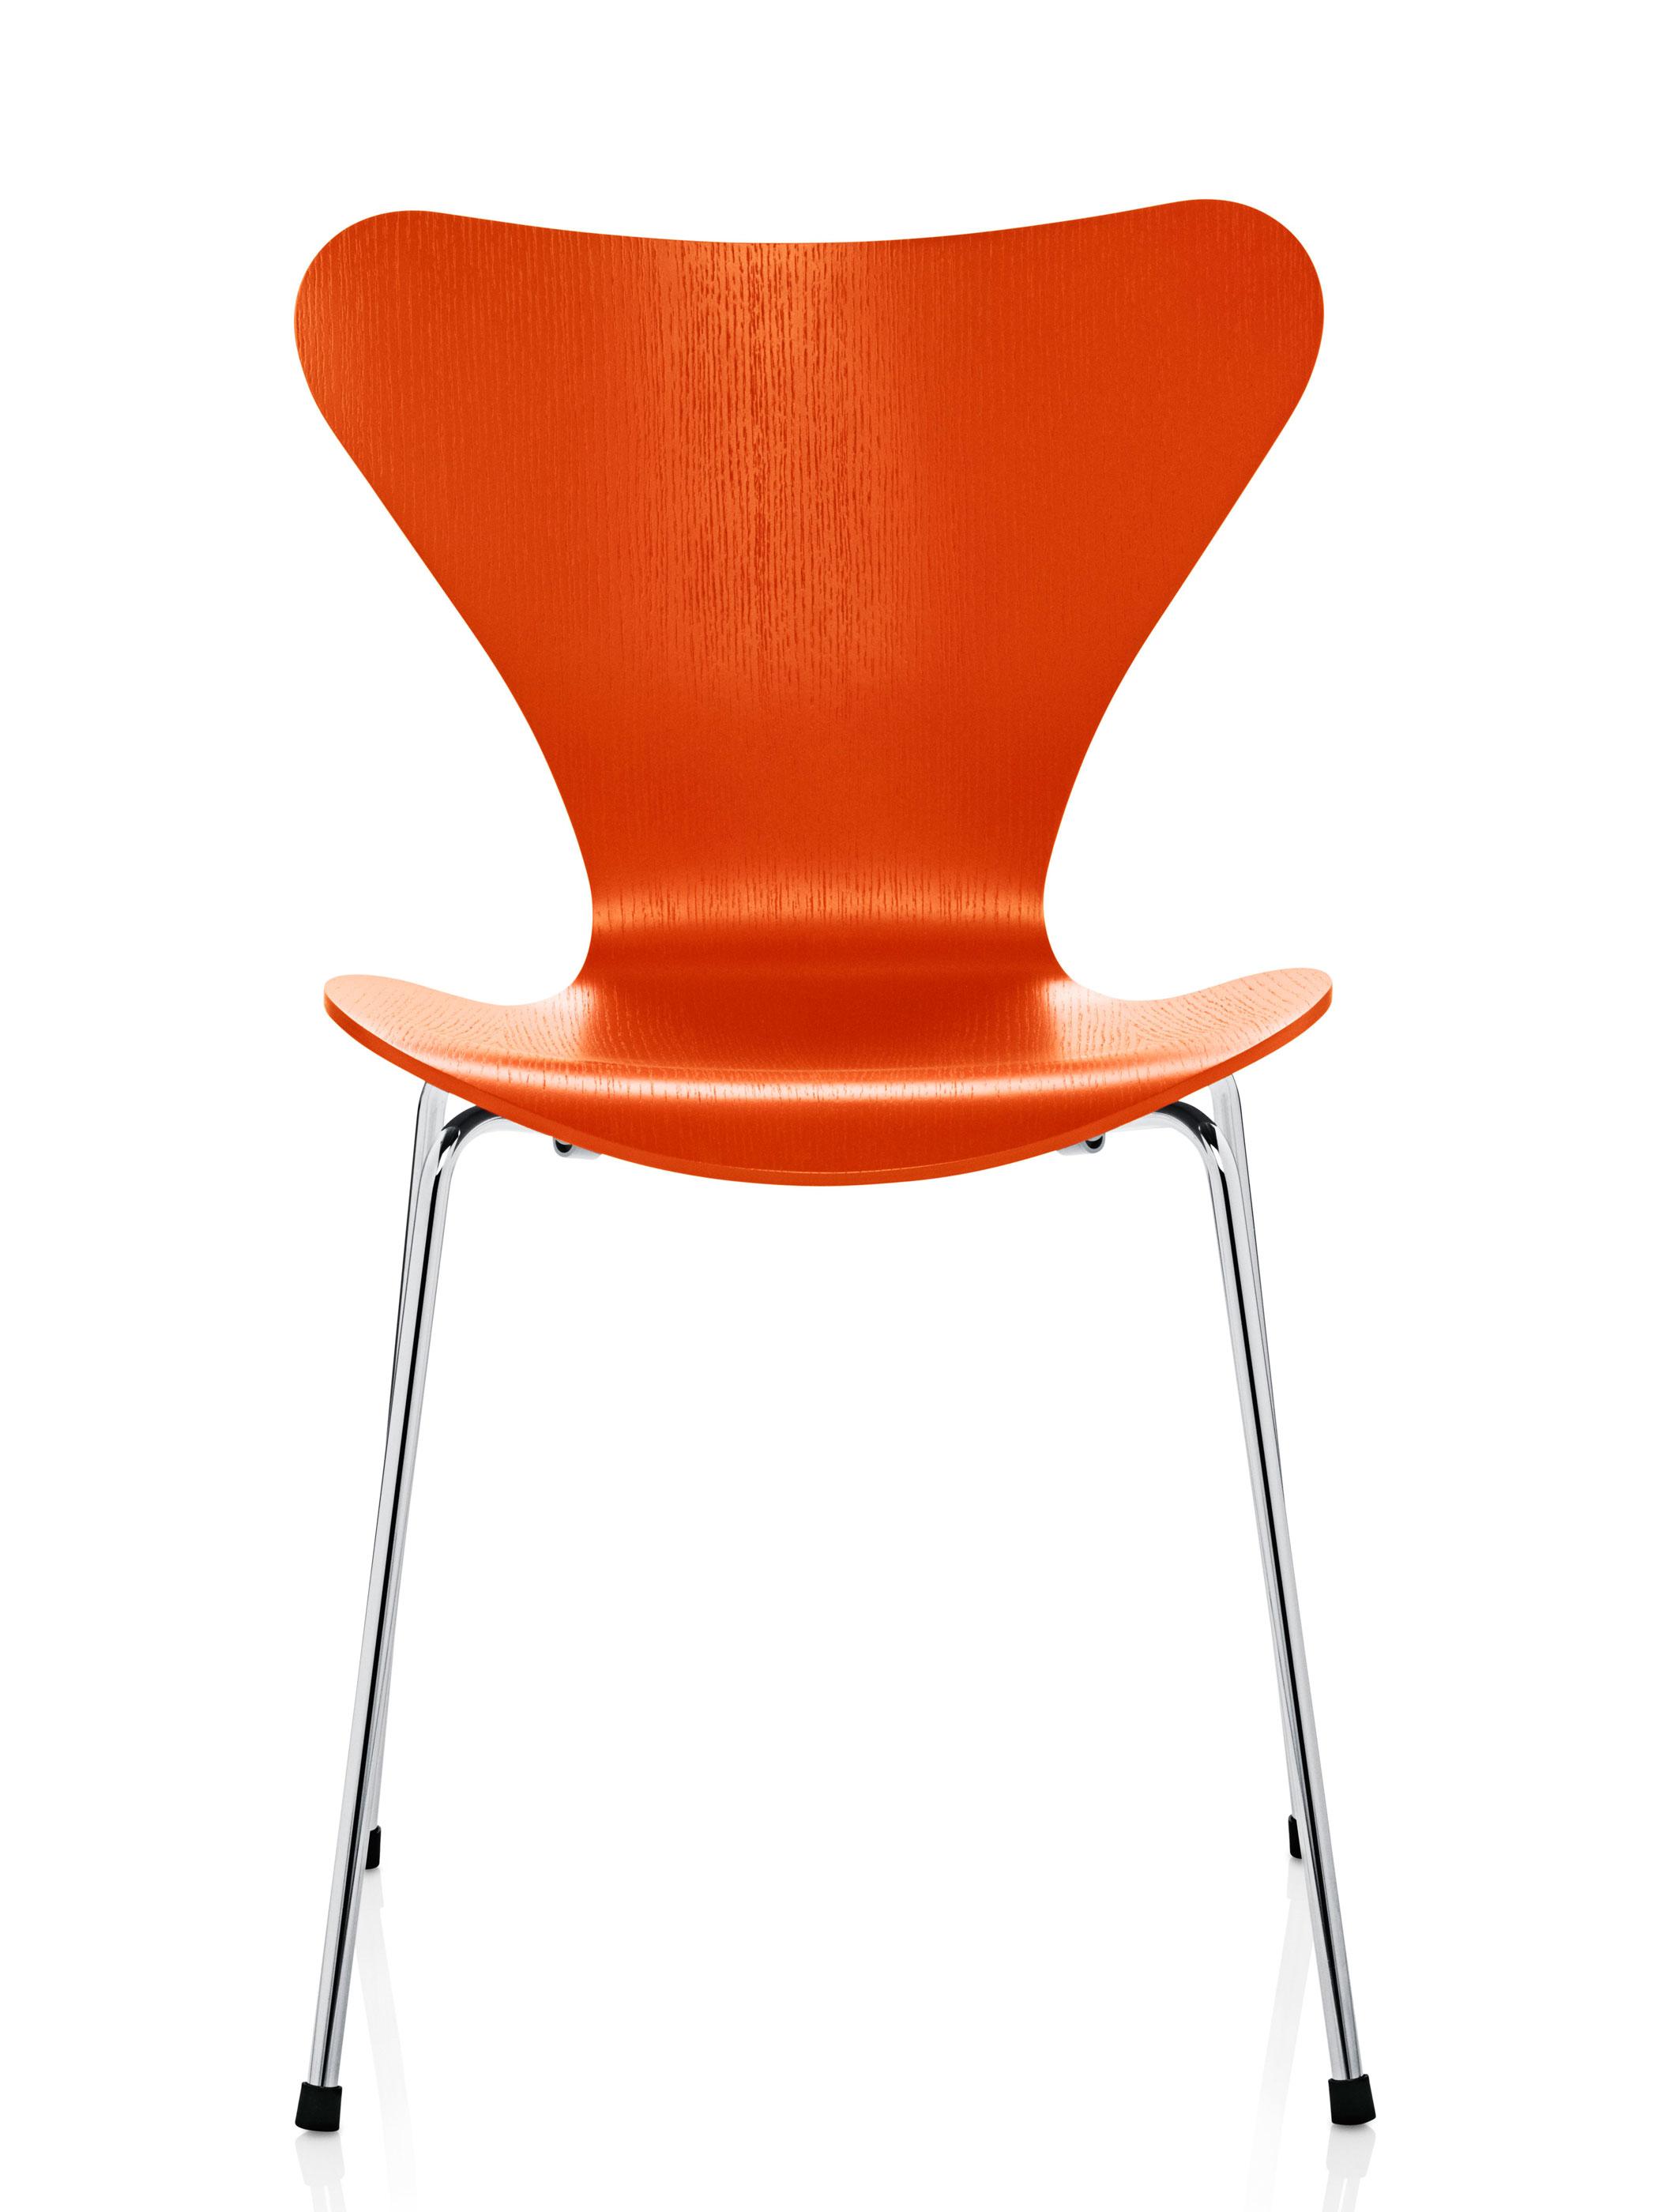 fritz hansen serie 7 3107 gef rbte esche orange produktdetails. Black Bedroom Furniture Sets. Home Design Ideas